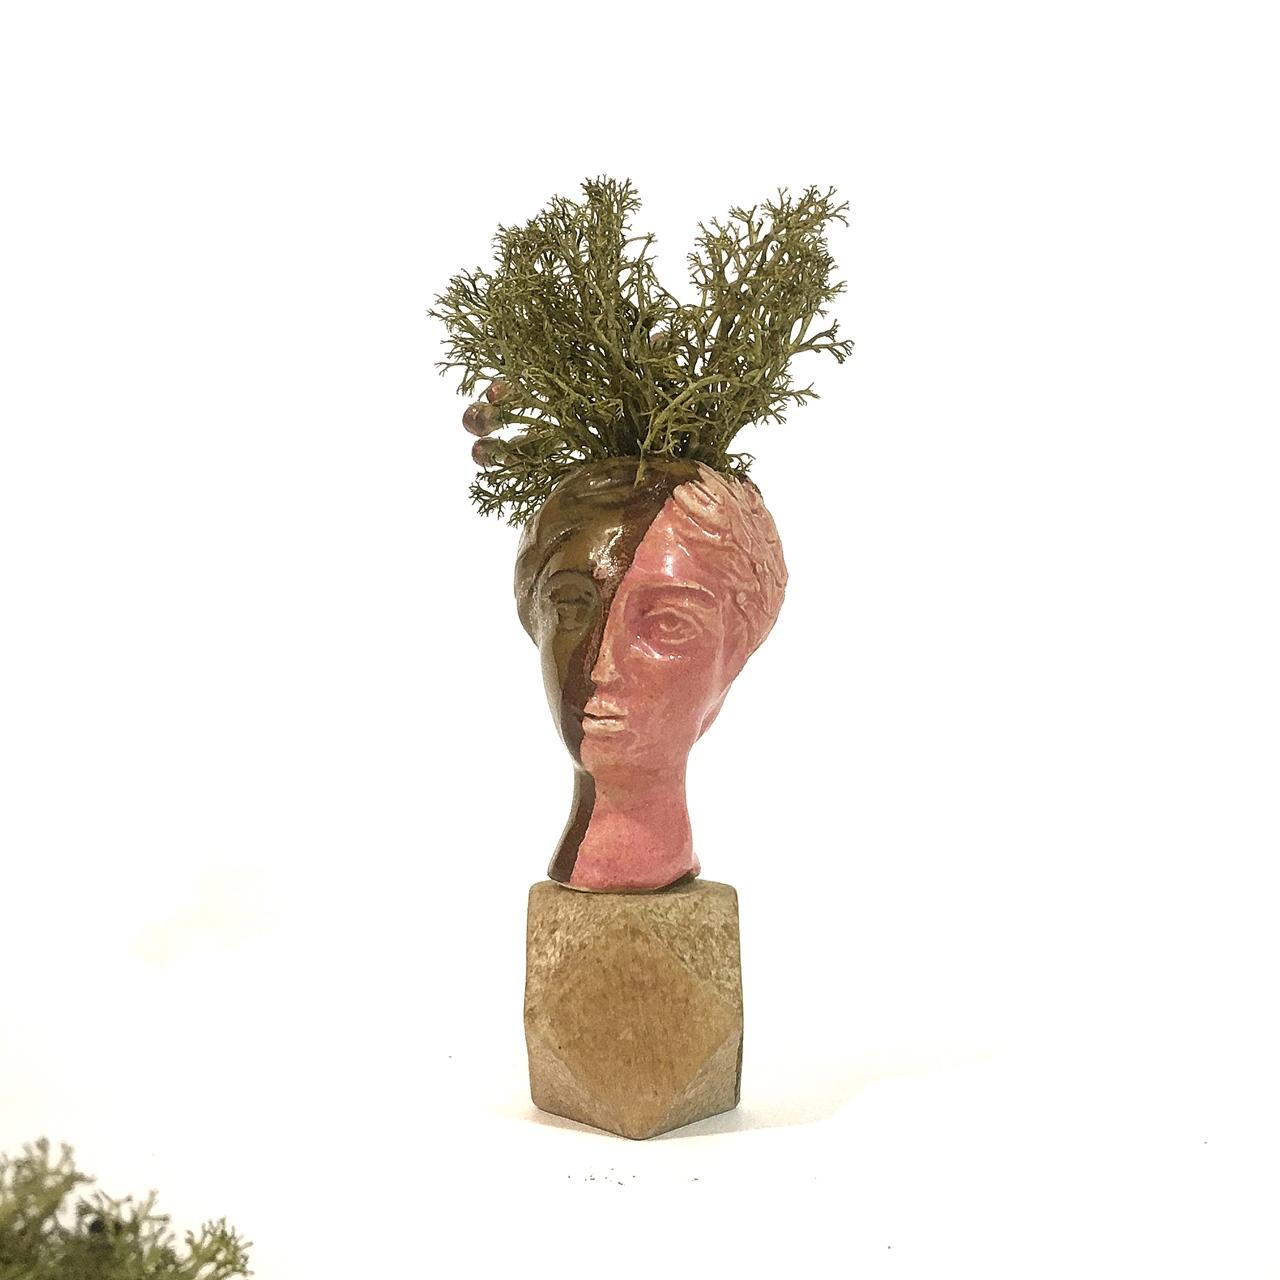 Mini vase IV detail - Le Voilà